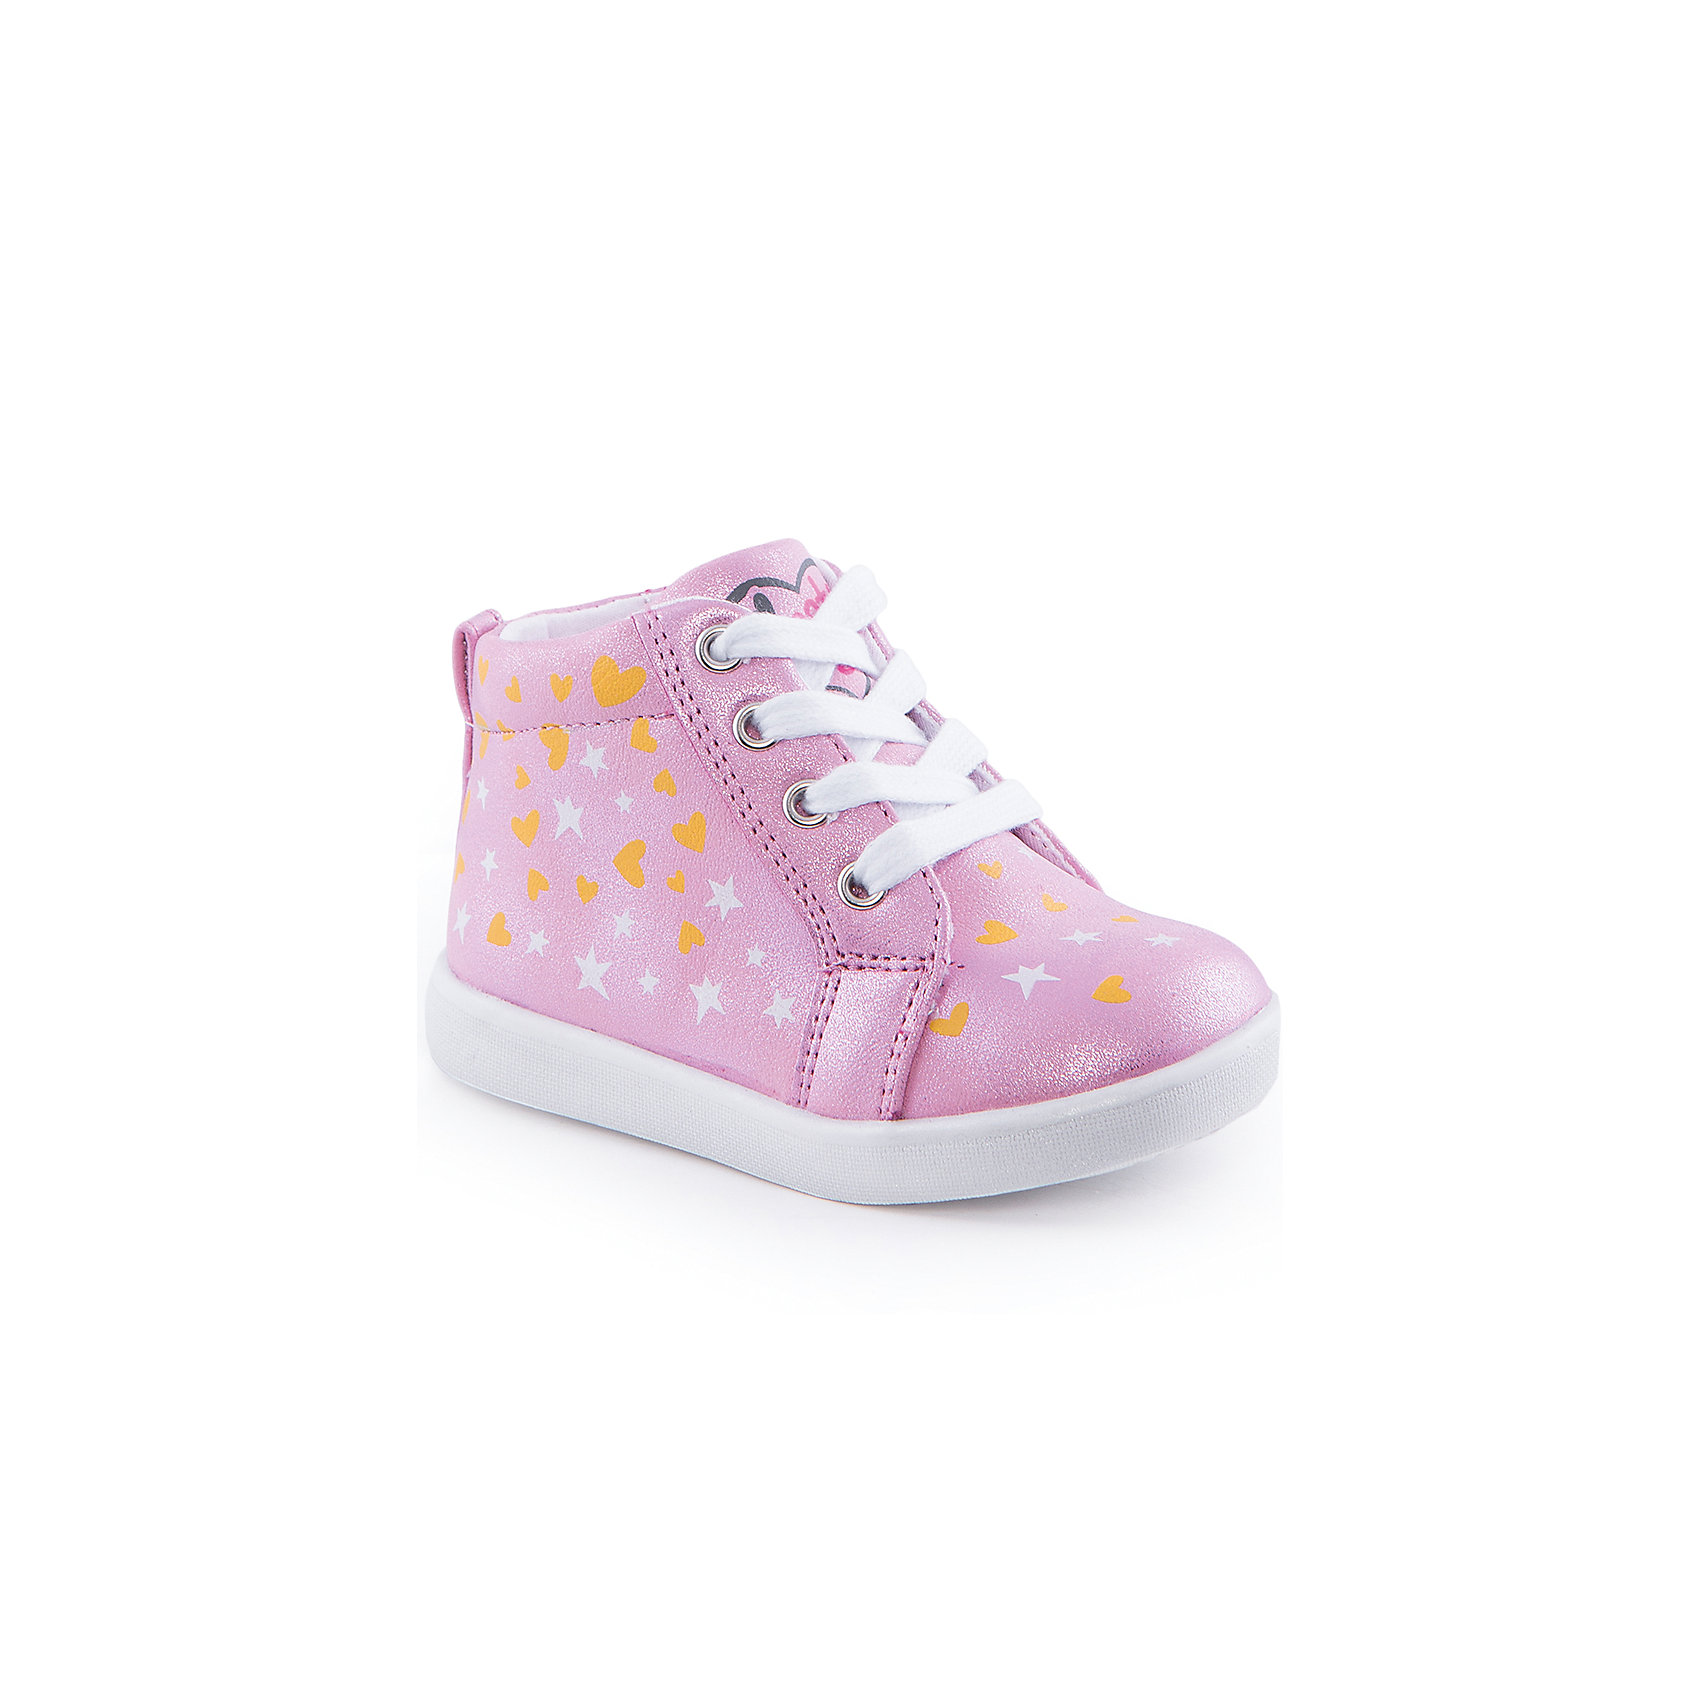 Ботинки для девочки Indigo kidsОбувь для малышей<br>Ботинки для девочки от известного бренда Indigo kids<br><br>Очень красивые нарядные ботинки могут быть и очень удобными! Яркий цвет делает эту модель стильной и привлекающей внимание. Ботинки легко надеваются благодаря шнуровке и молнии и комфортно садятся по ноге. <br><br>Особенности модели:<br><br>- цвет - розовый, блестящие;<br>- стильный дизайн;<br>- удобная колодка;<br>- текстильная подкладка;<br>- украшены принтом из сердечек и звездочек;<br>- устойчивая подошва;<br>- контрастные шнурки;<br>- застежки: шнуровка, молния.<br><br>Дополнительная информация:<br><br>Температурный режим:<br>от +5° С до +20° С<br><br>Состав:<br><br>верх – искусственная кожа;<br>подкладка - текстиль;<br>подошва - ТЭП.<br><br>Ботинки для девочки Indigo kids (Индиго Кидс) можно купить в нашем магазине.<br><br>Ширина мм: 262<br>Глубина мм: 176<br>Высота мм: 97<br>Вес г: 427<br>Цвет: розовый<br>Возраст от месяцев: 12<br>Возраст до месяцев: 15<br>Пол: Женский<br>Возраст: Детский<br>Размер: 21,23,24,22,26,25<br>SKU: 4519985